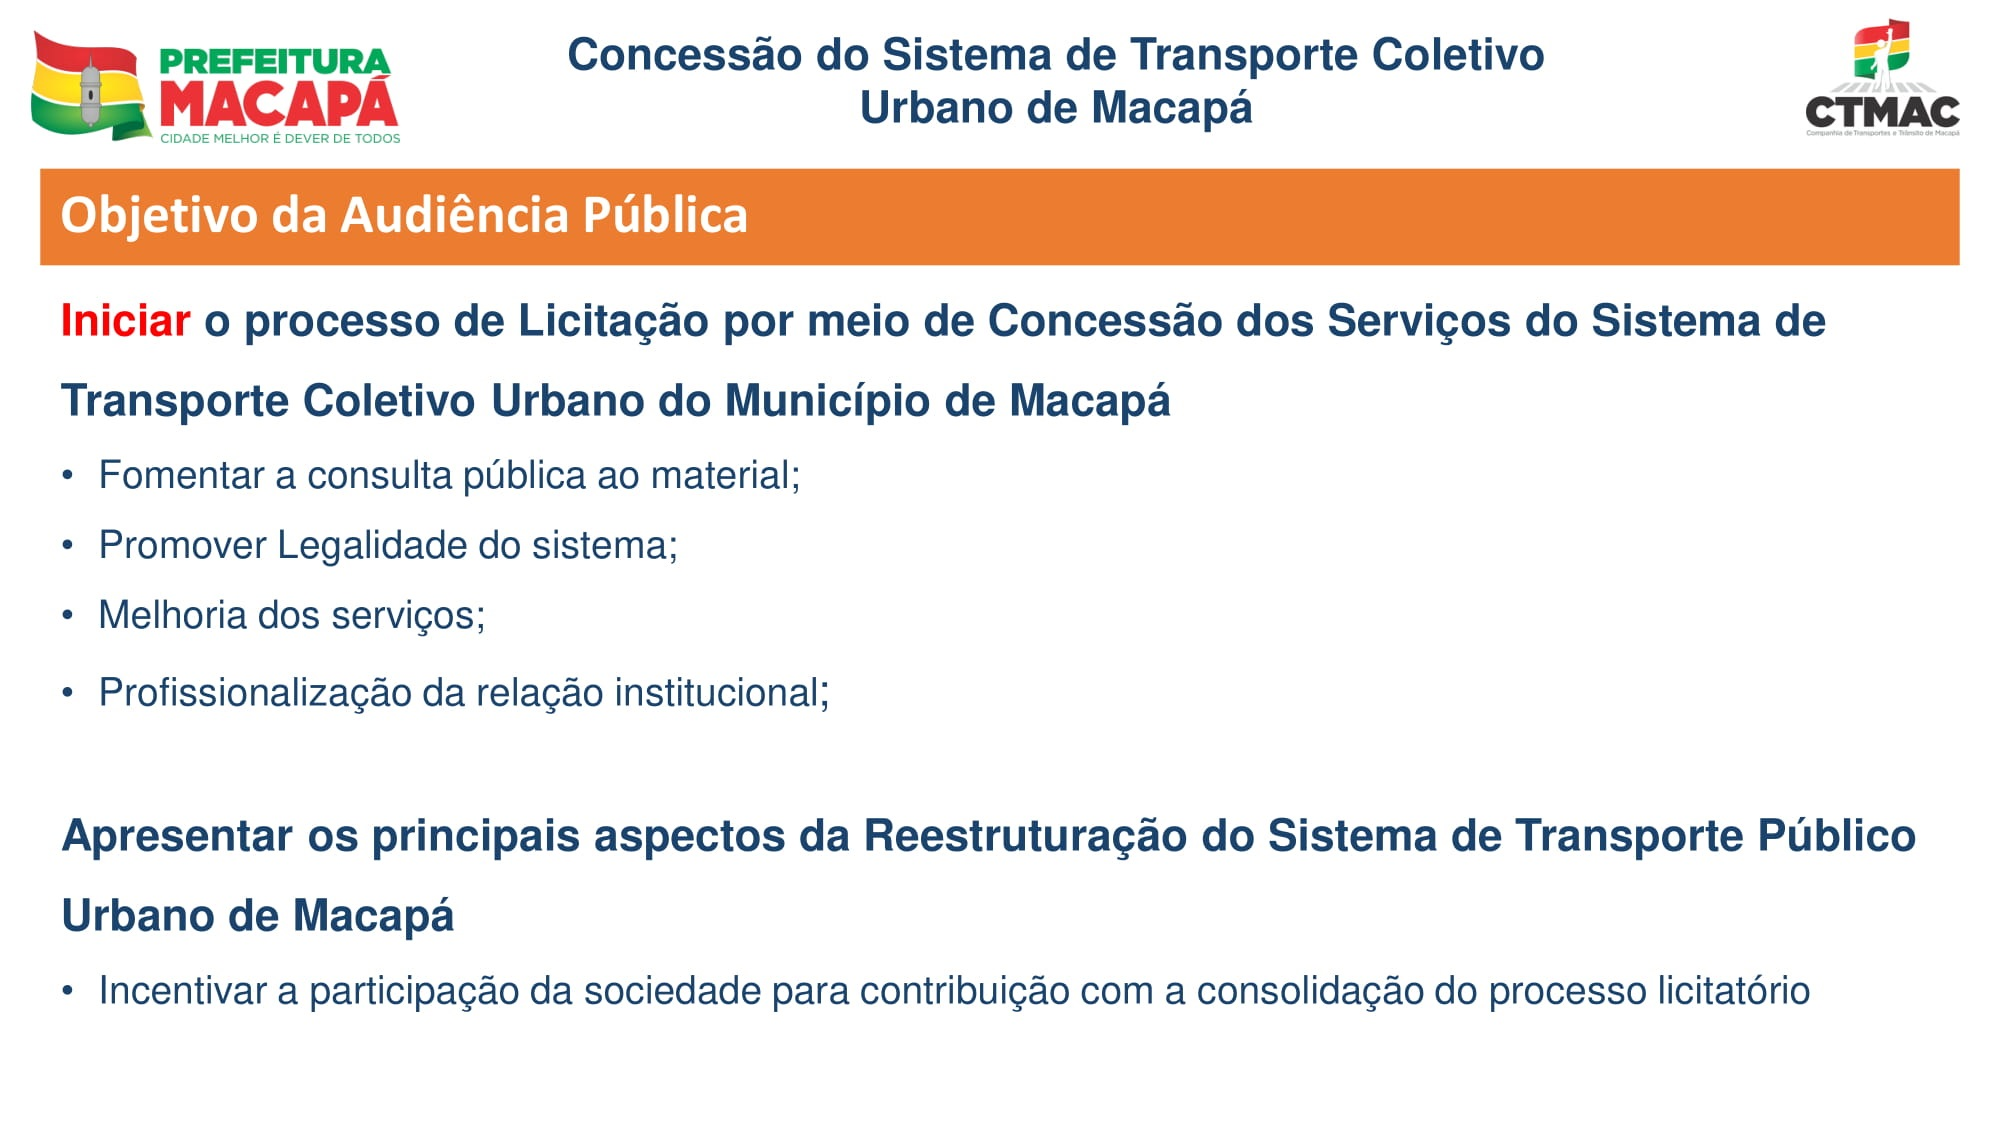 concessao_macapa-02